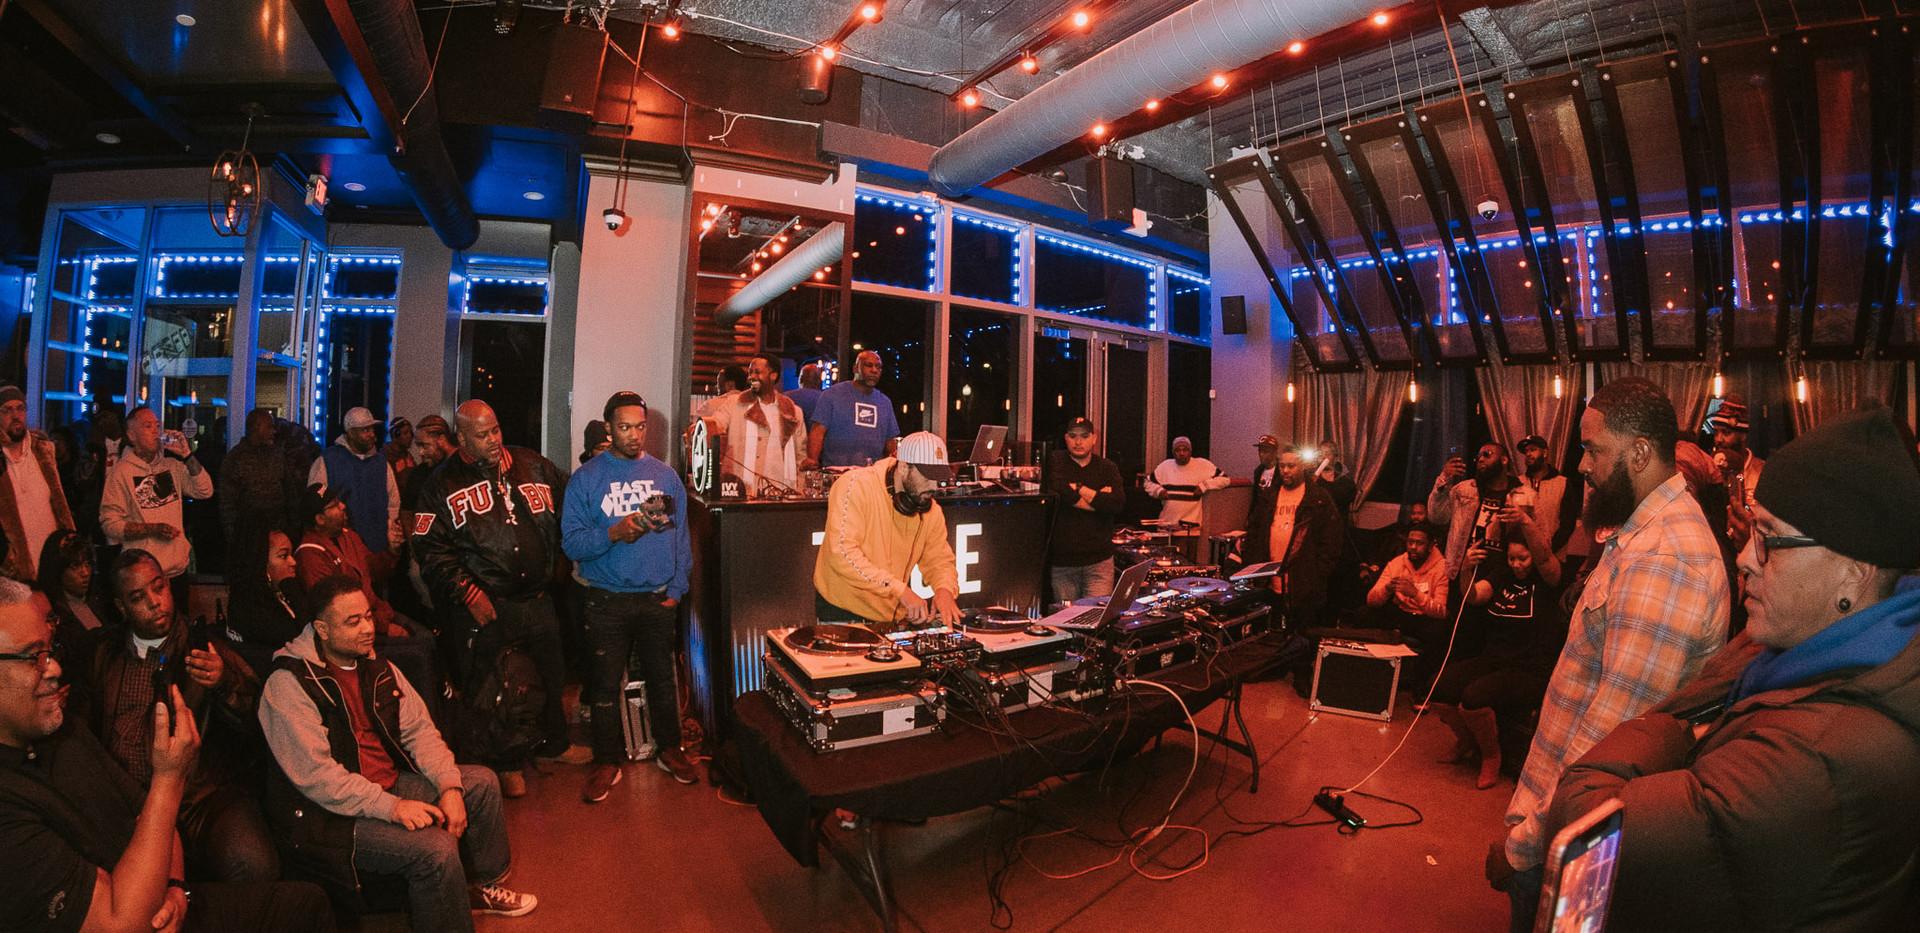 DJ+Blend+Battle+%40++True+%2890+of+248%2